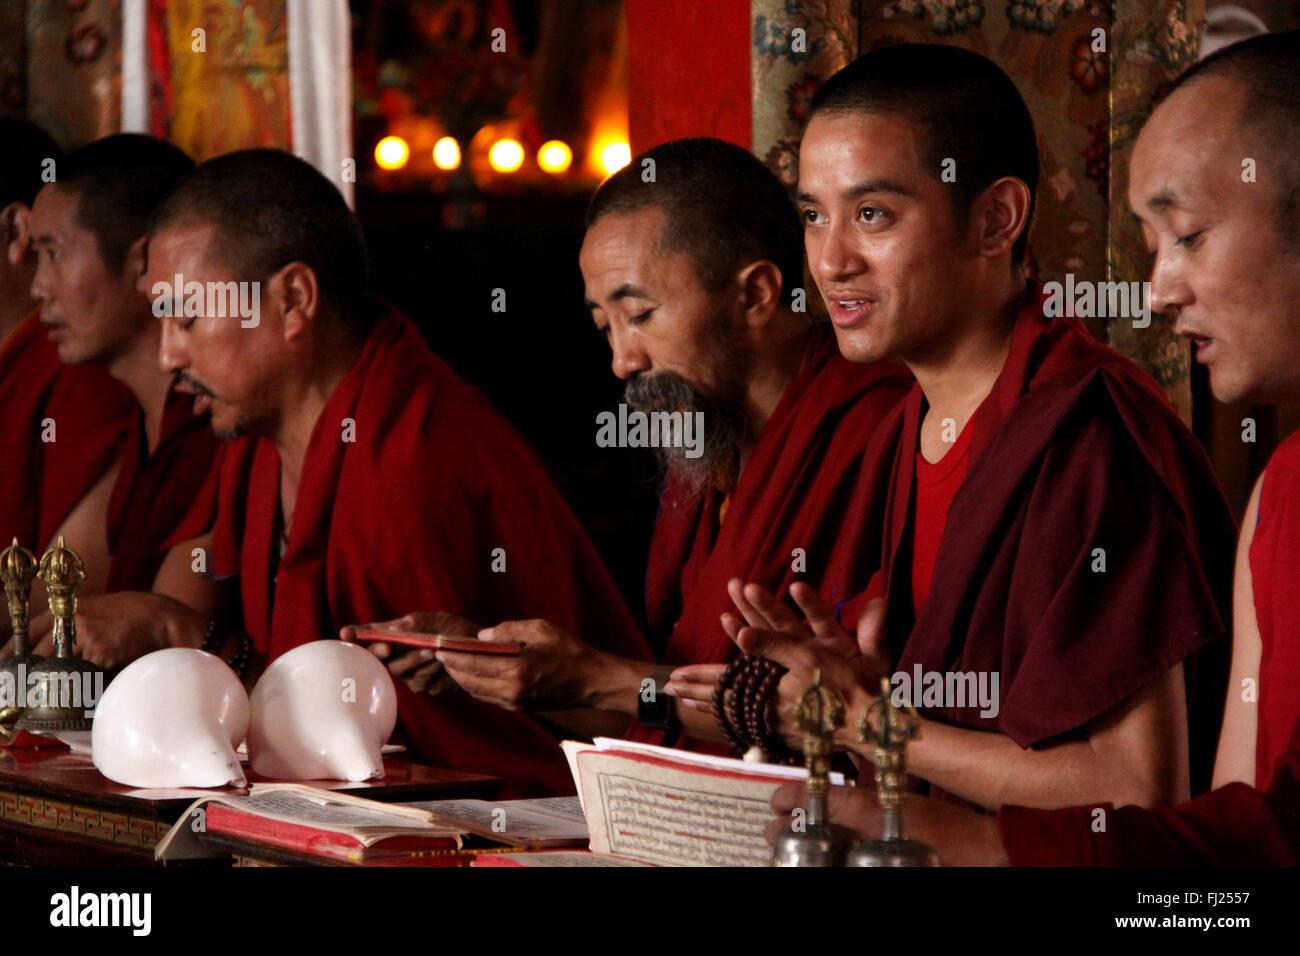 Portrait de moine bouddhiste au Népal Photo Stock